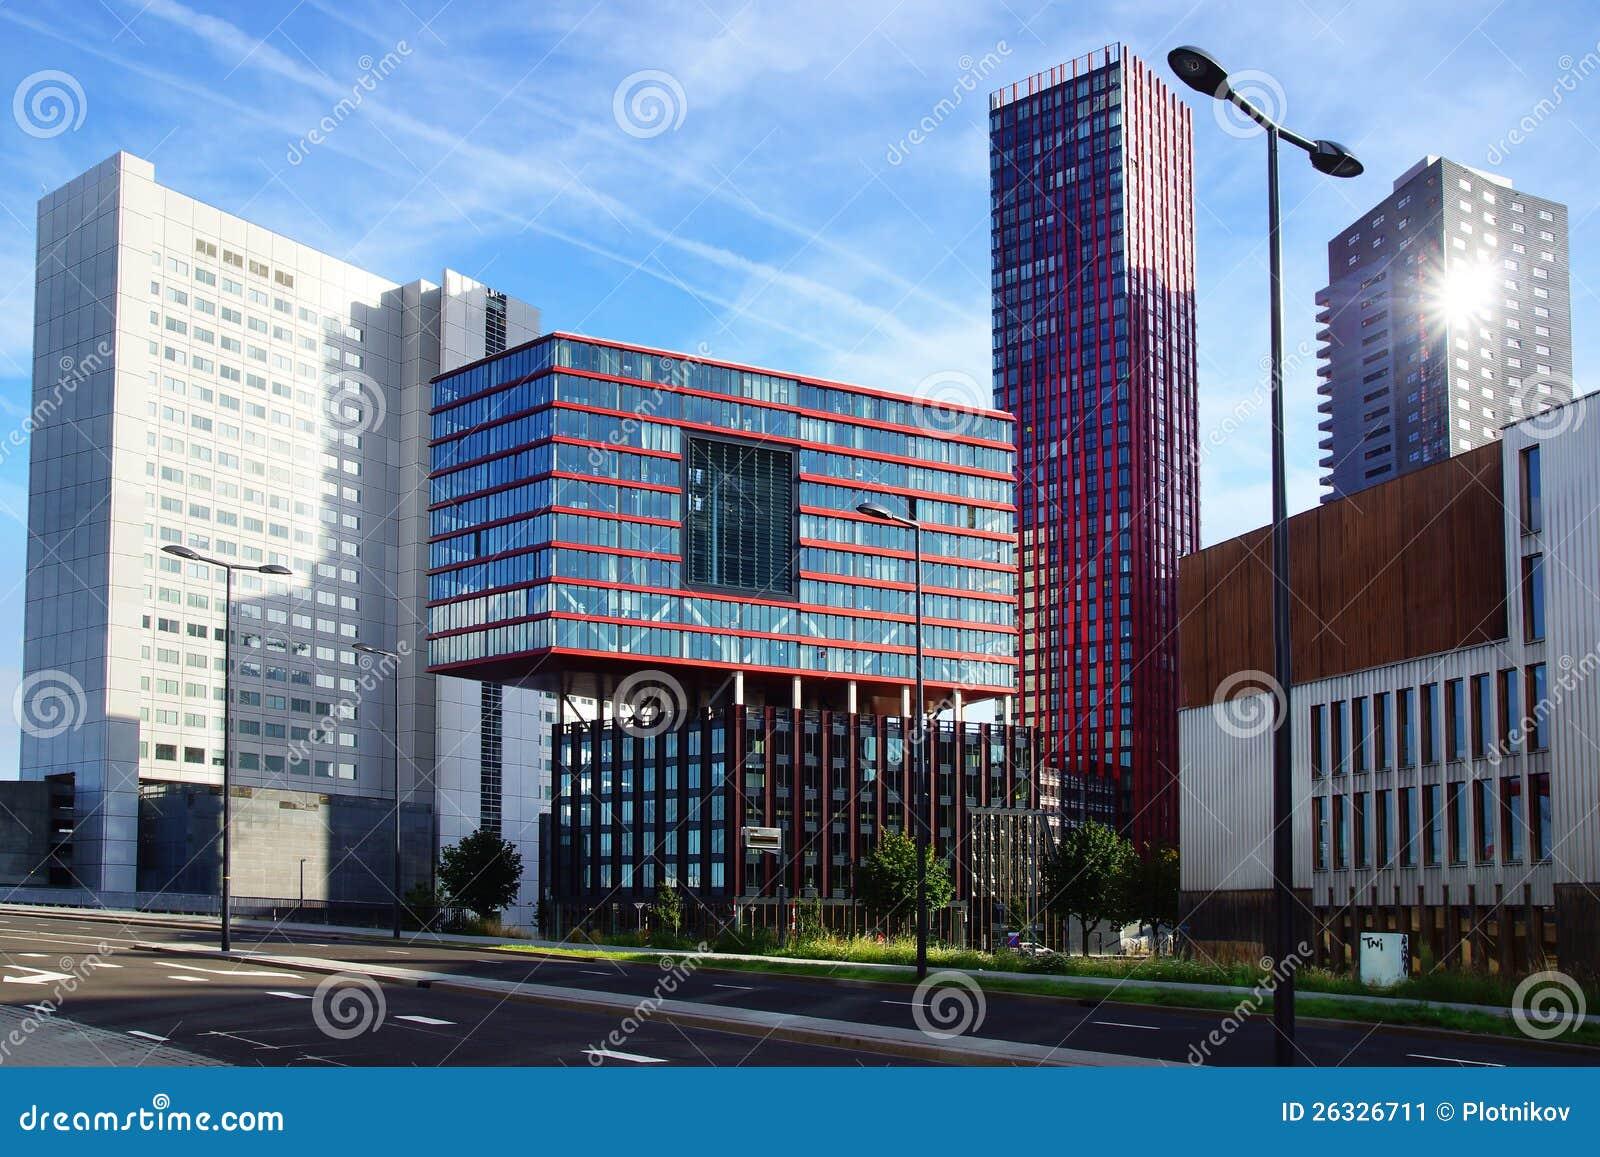 Moderne architektur im rotterdam die niederlande - Architektur moderne ...